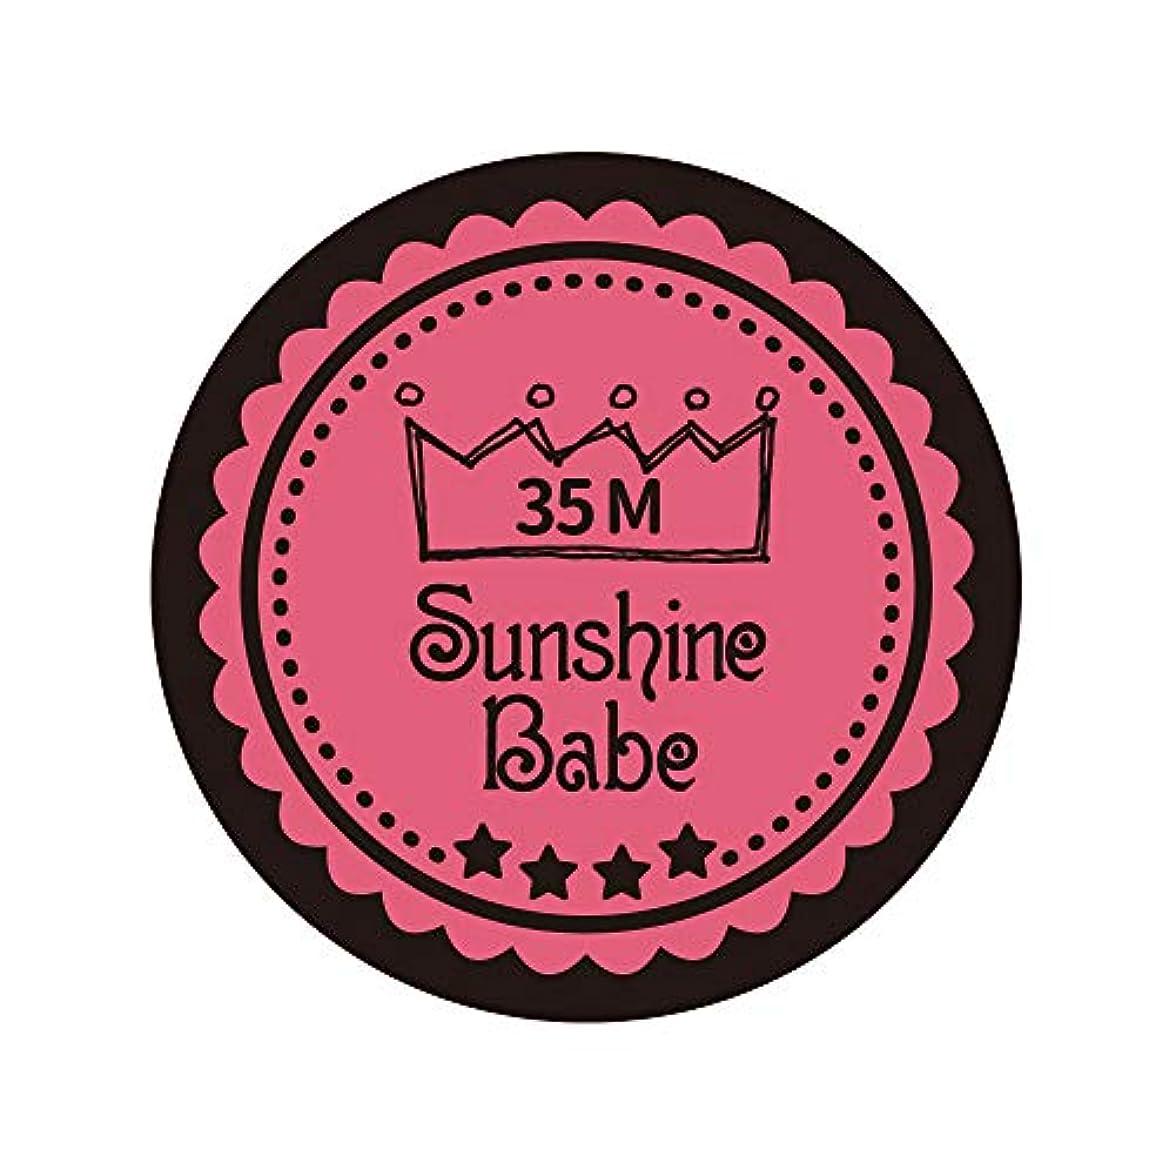 思い出させるコンデンサー漏斗Sunshine Babe カラージェル 35M ローズピンク 4g UV/LED対応